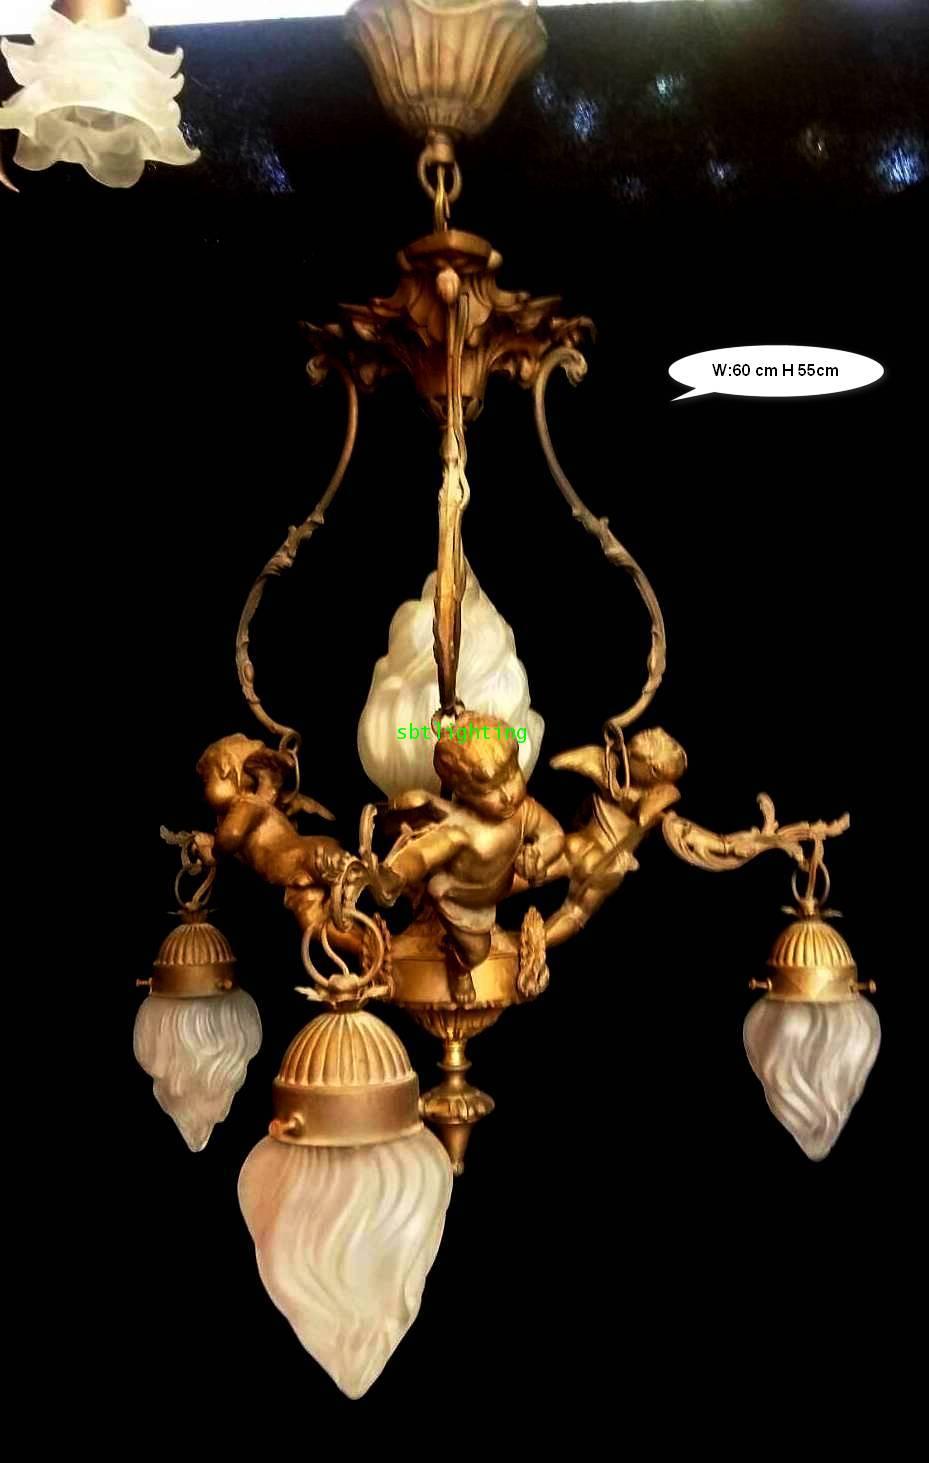 โคมไฟ ยุโรปงานฝรั่งเศส  แบรนด์ เอ็มไพร์ส